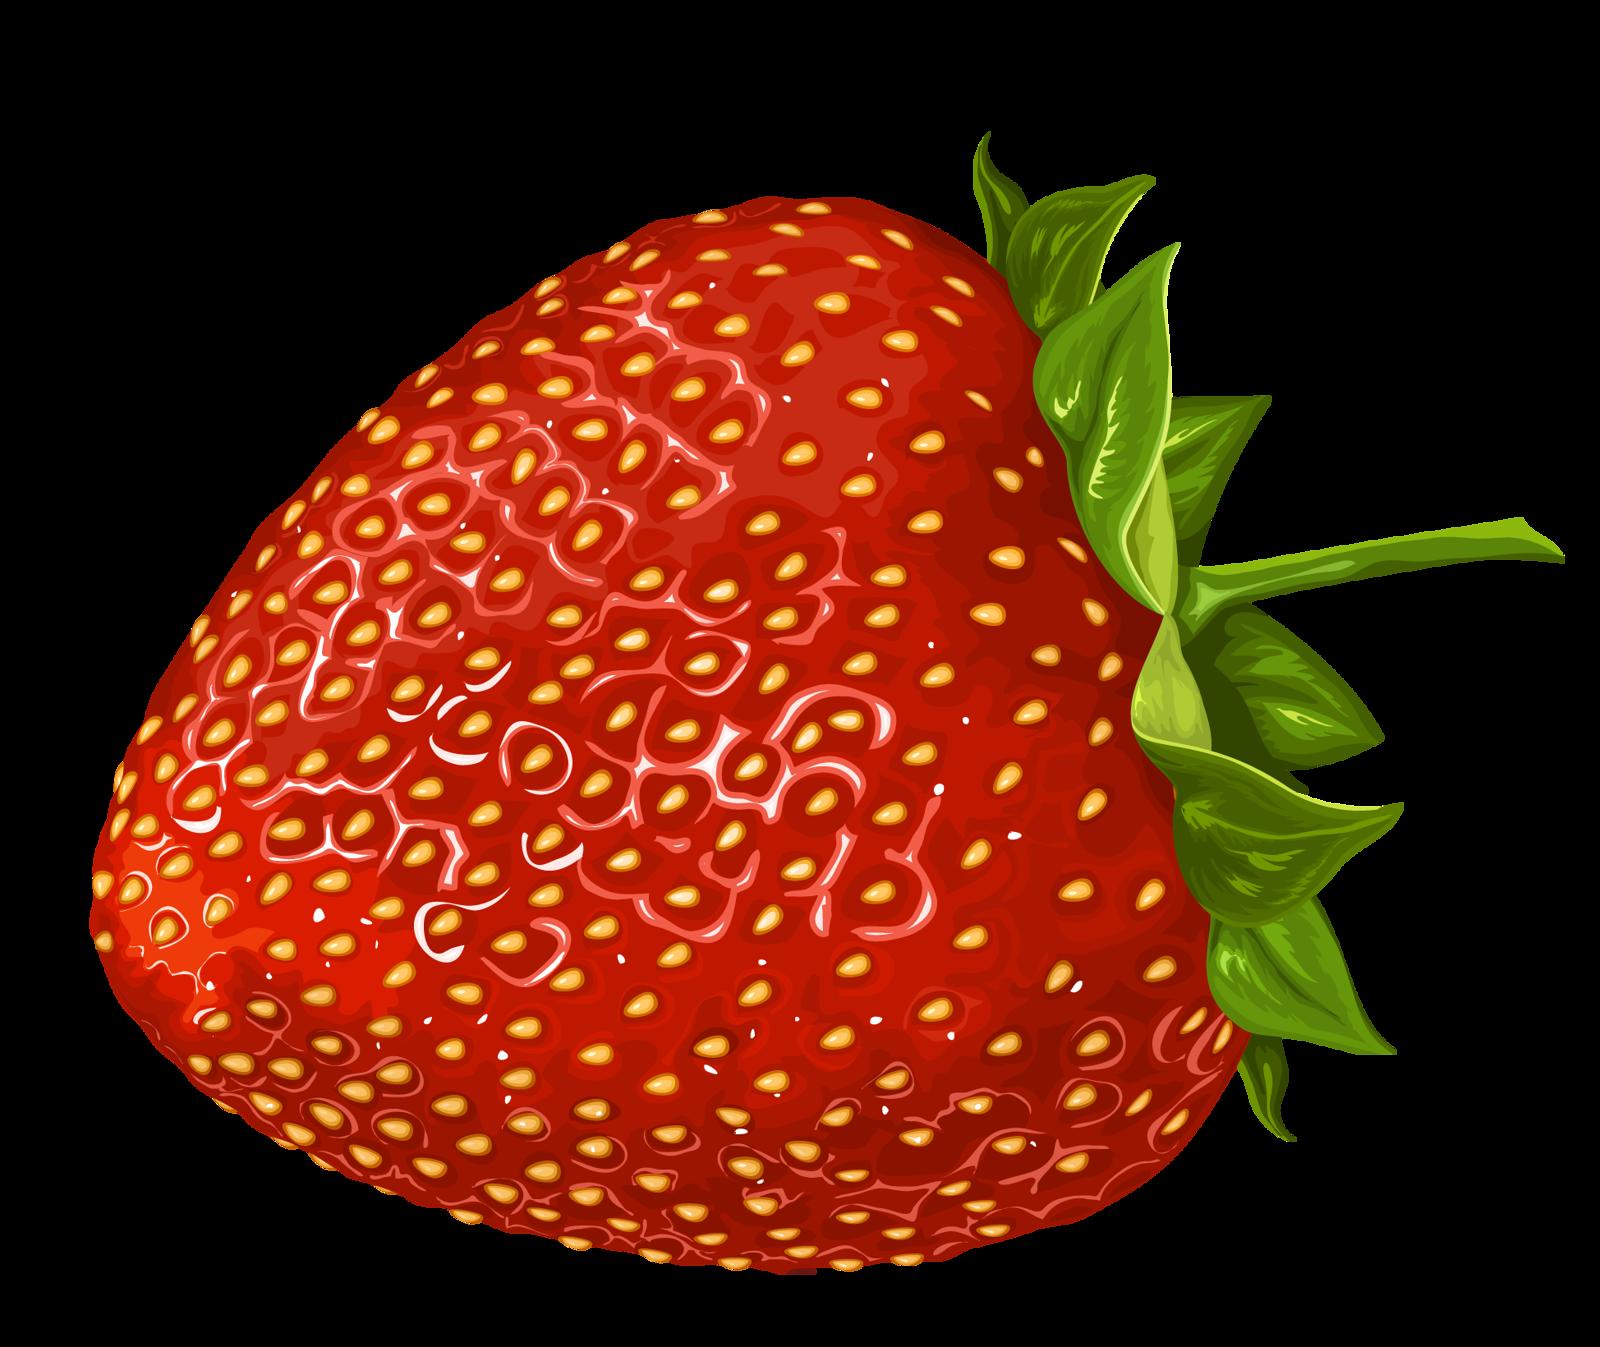 Картинки на прозрачном фоне ягоды клипарт